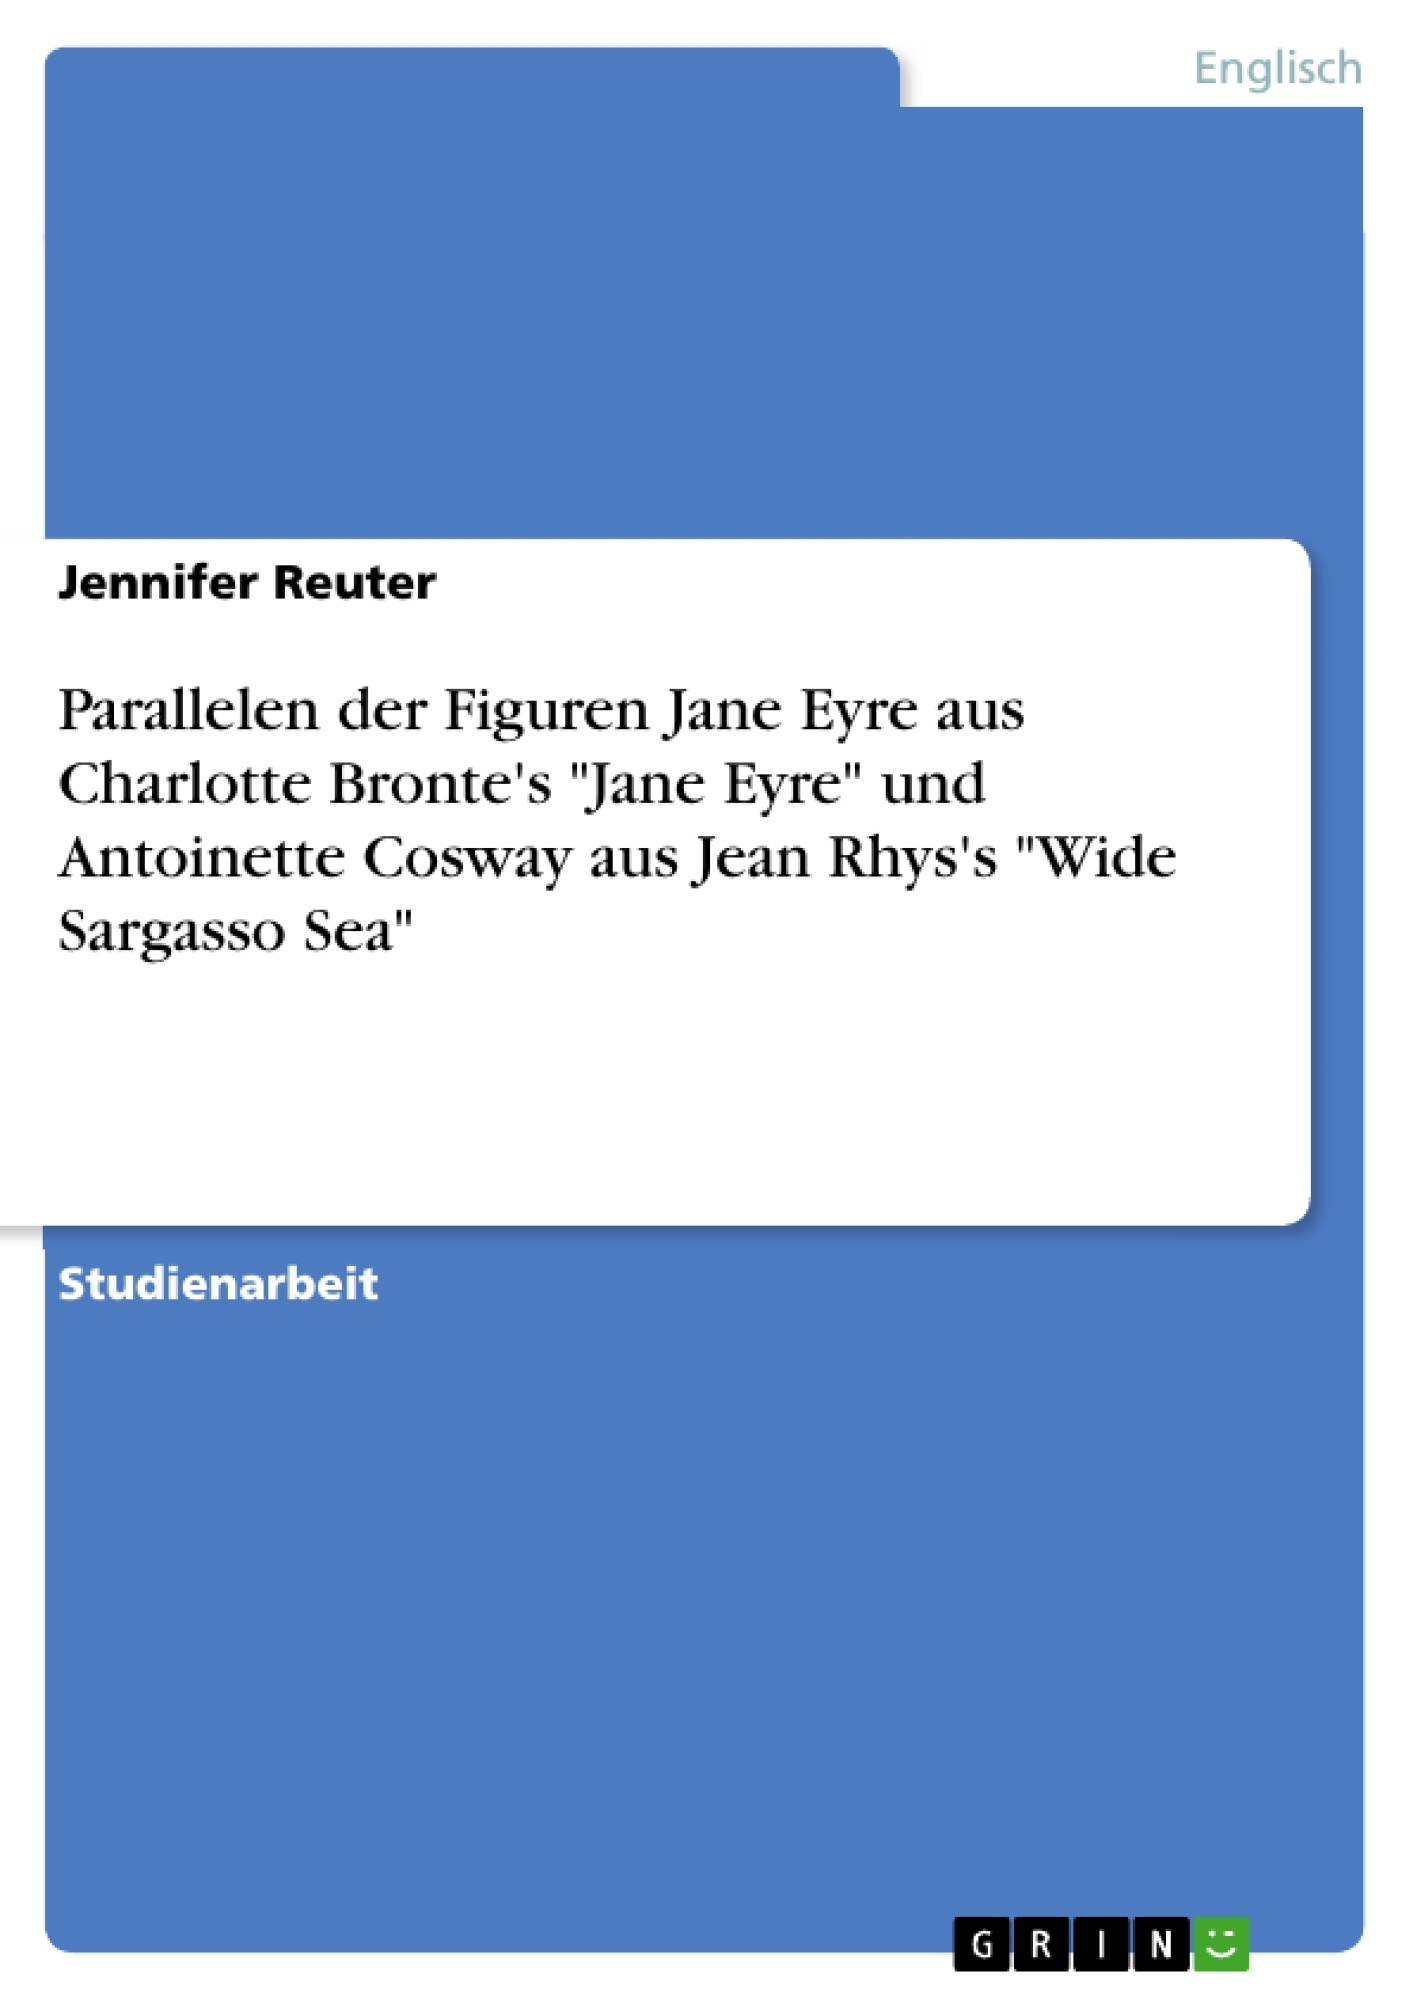 """Titel: Parallelen der Figuren Jane Eyre aus Charlotte Bronte's """"Jane Eyre"""" und Antoinette Cosway aus Jean Rhys's """"Wide Sargasso Sea"""""""